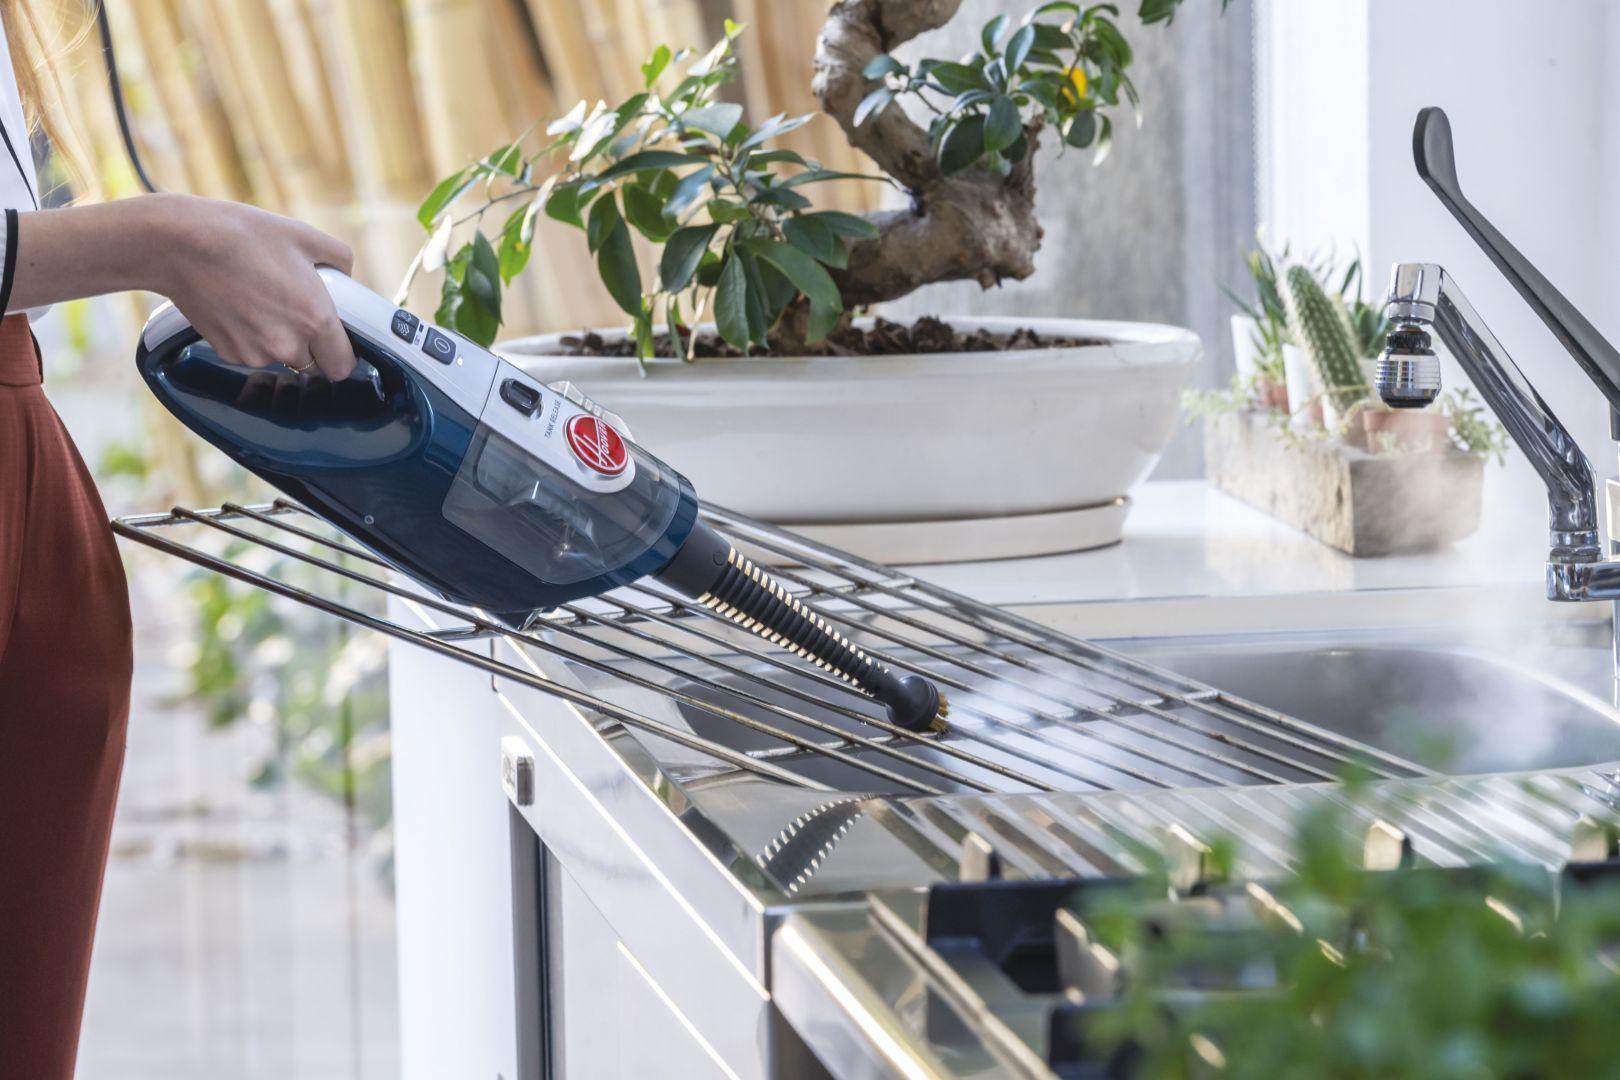 Odkurzacz jest także wyposażony w odczepianą parownicę ręczną, dzięki której skutecznie i szybko umyjesz okna, odkurzysz zasłony, meble czy płyty grzewcze. Cena: cenie 899 zł. Fot. Hoover